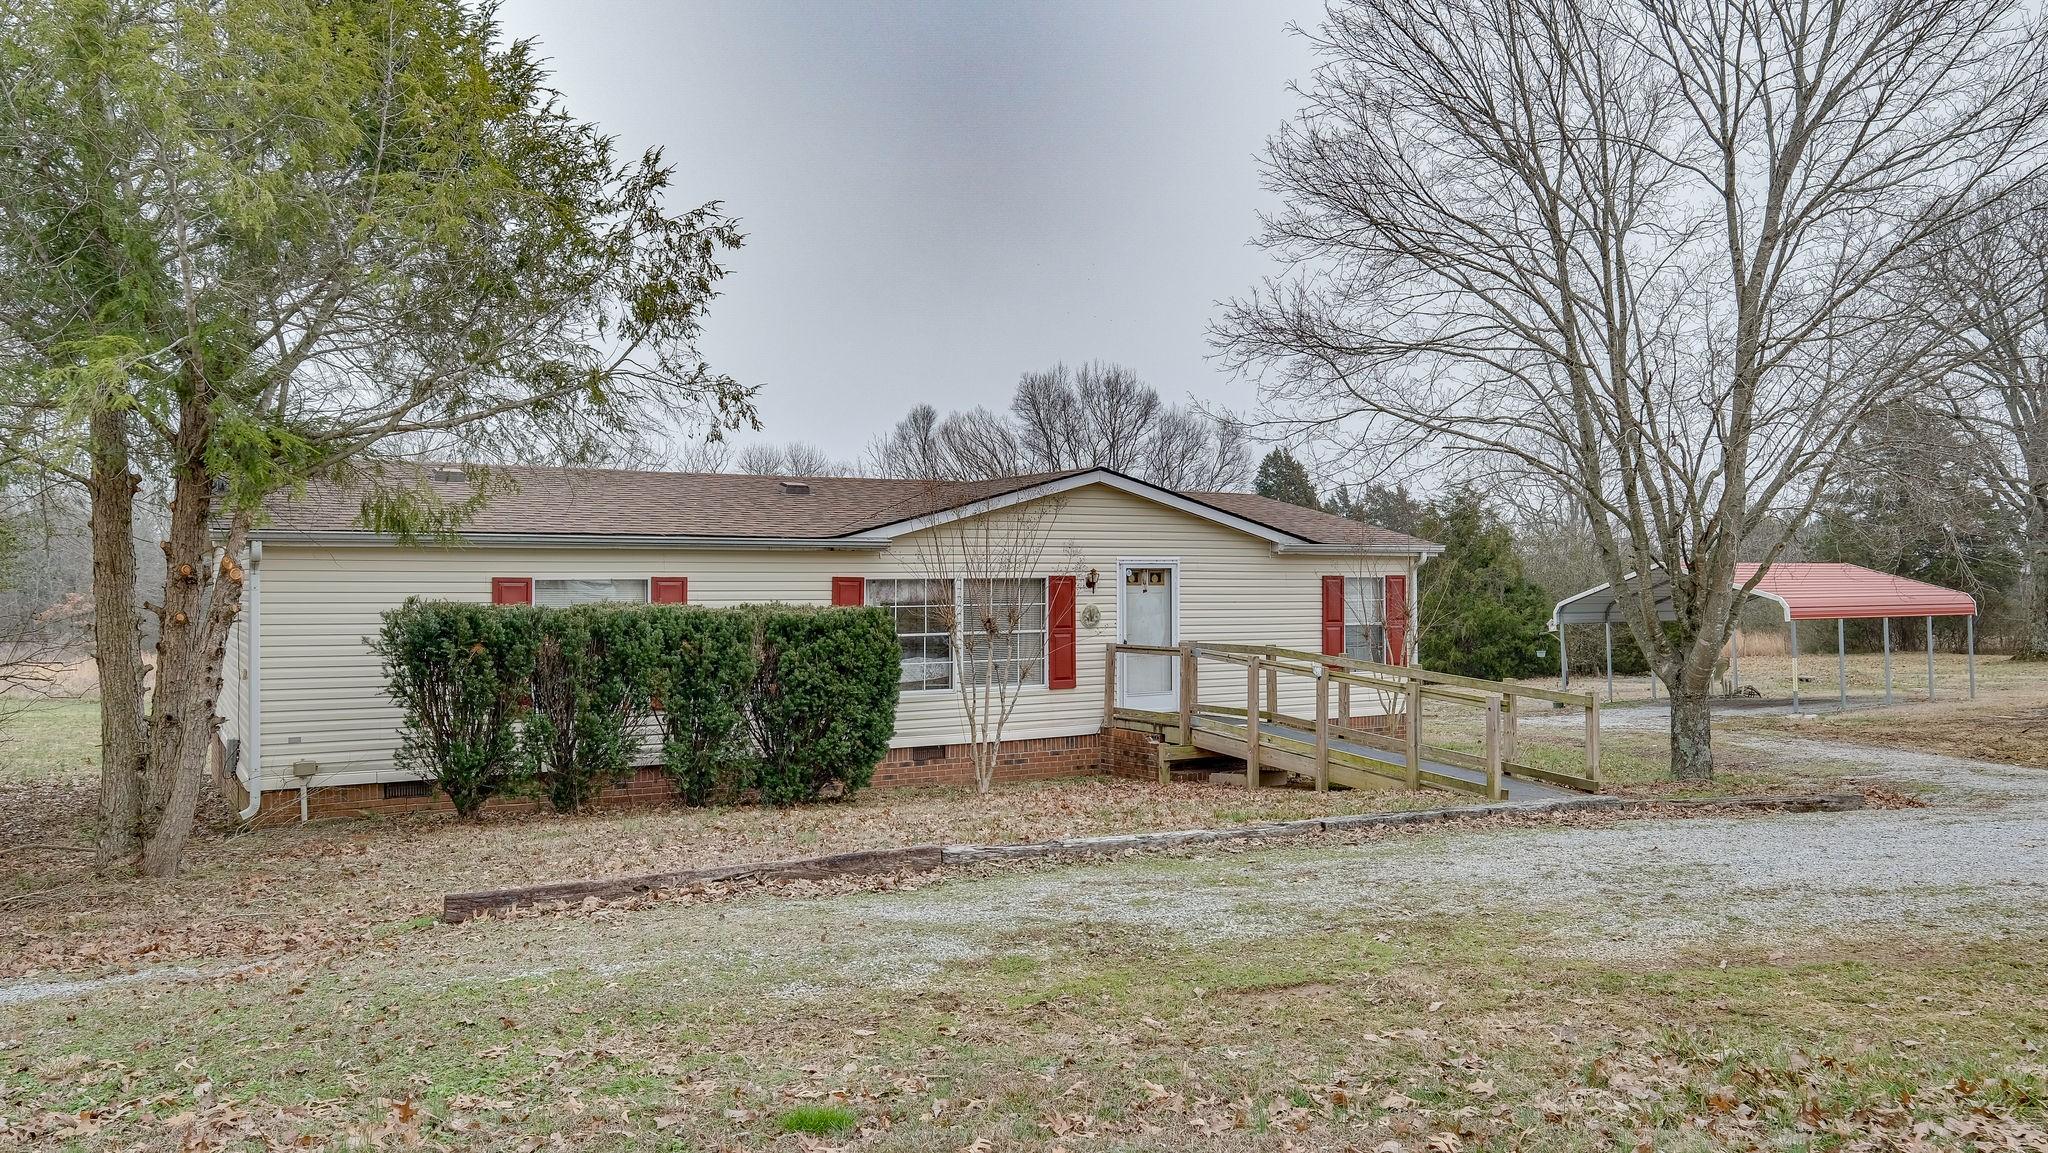 4780 Highway 41A, N, Eagleville, TN 37060 - Eagleville, TN real estate listing